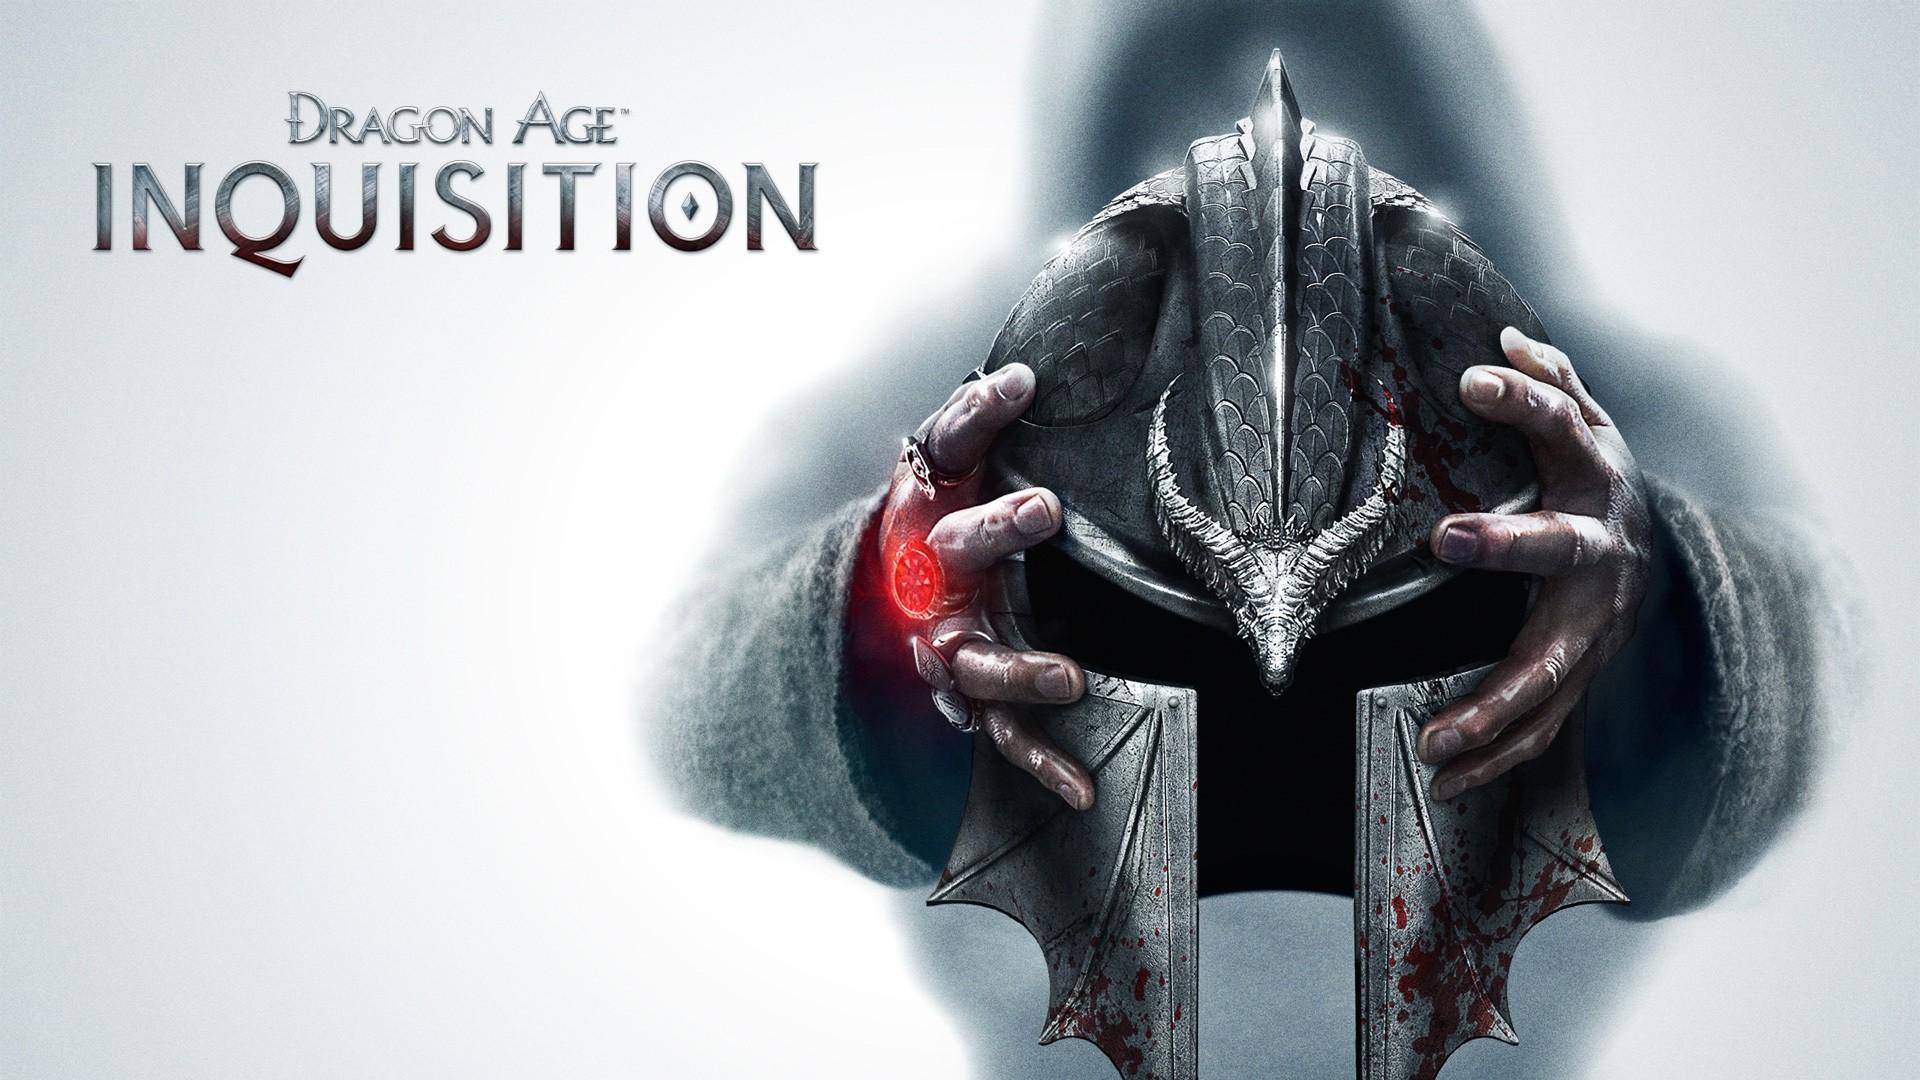 Preview dragon age